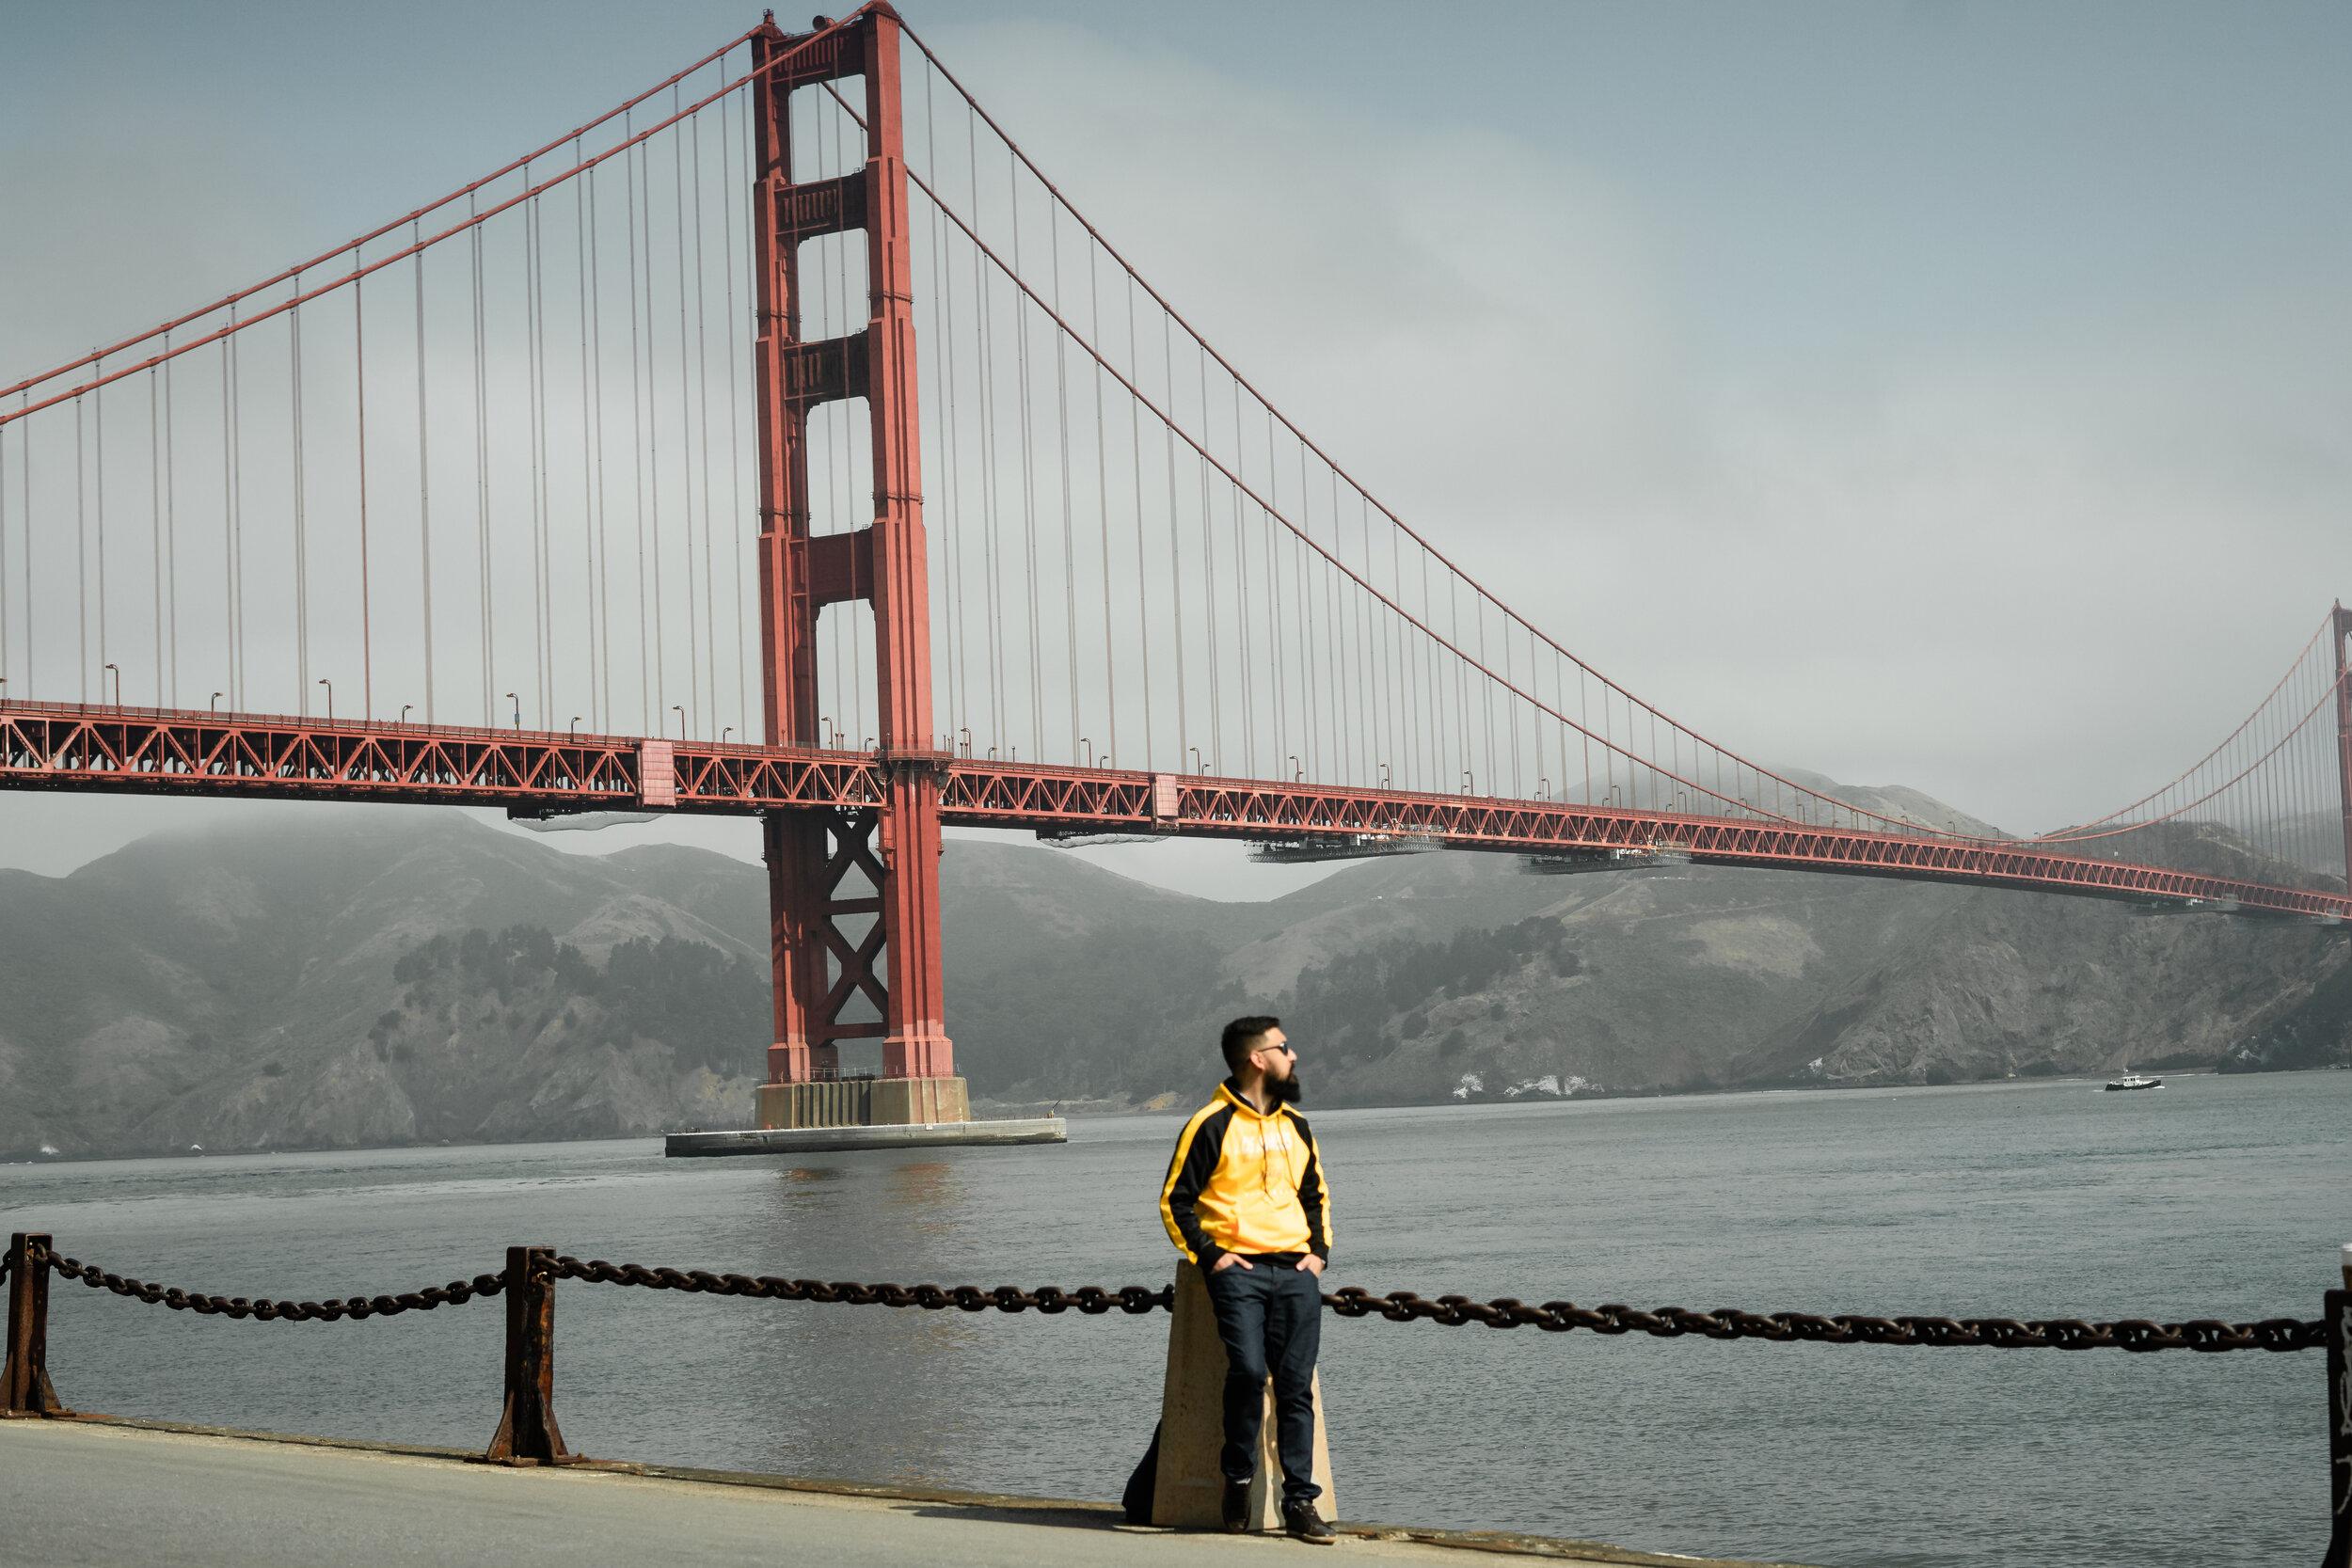 Ensaio Fotografico em Sao Francisco 08.jpg